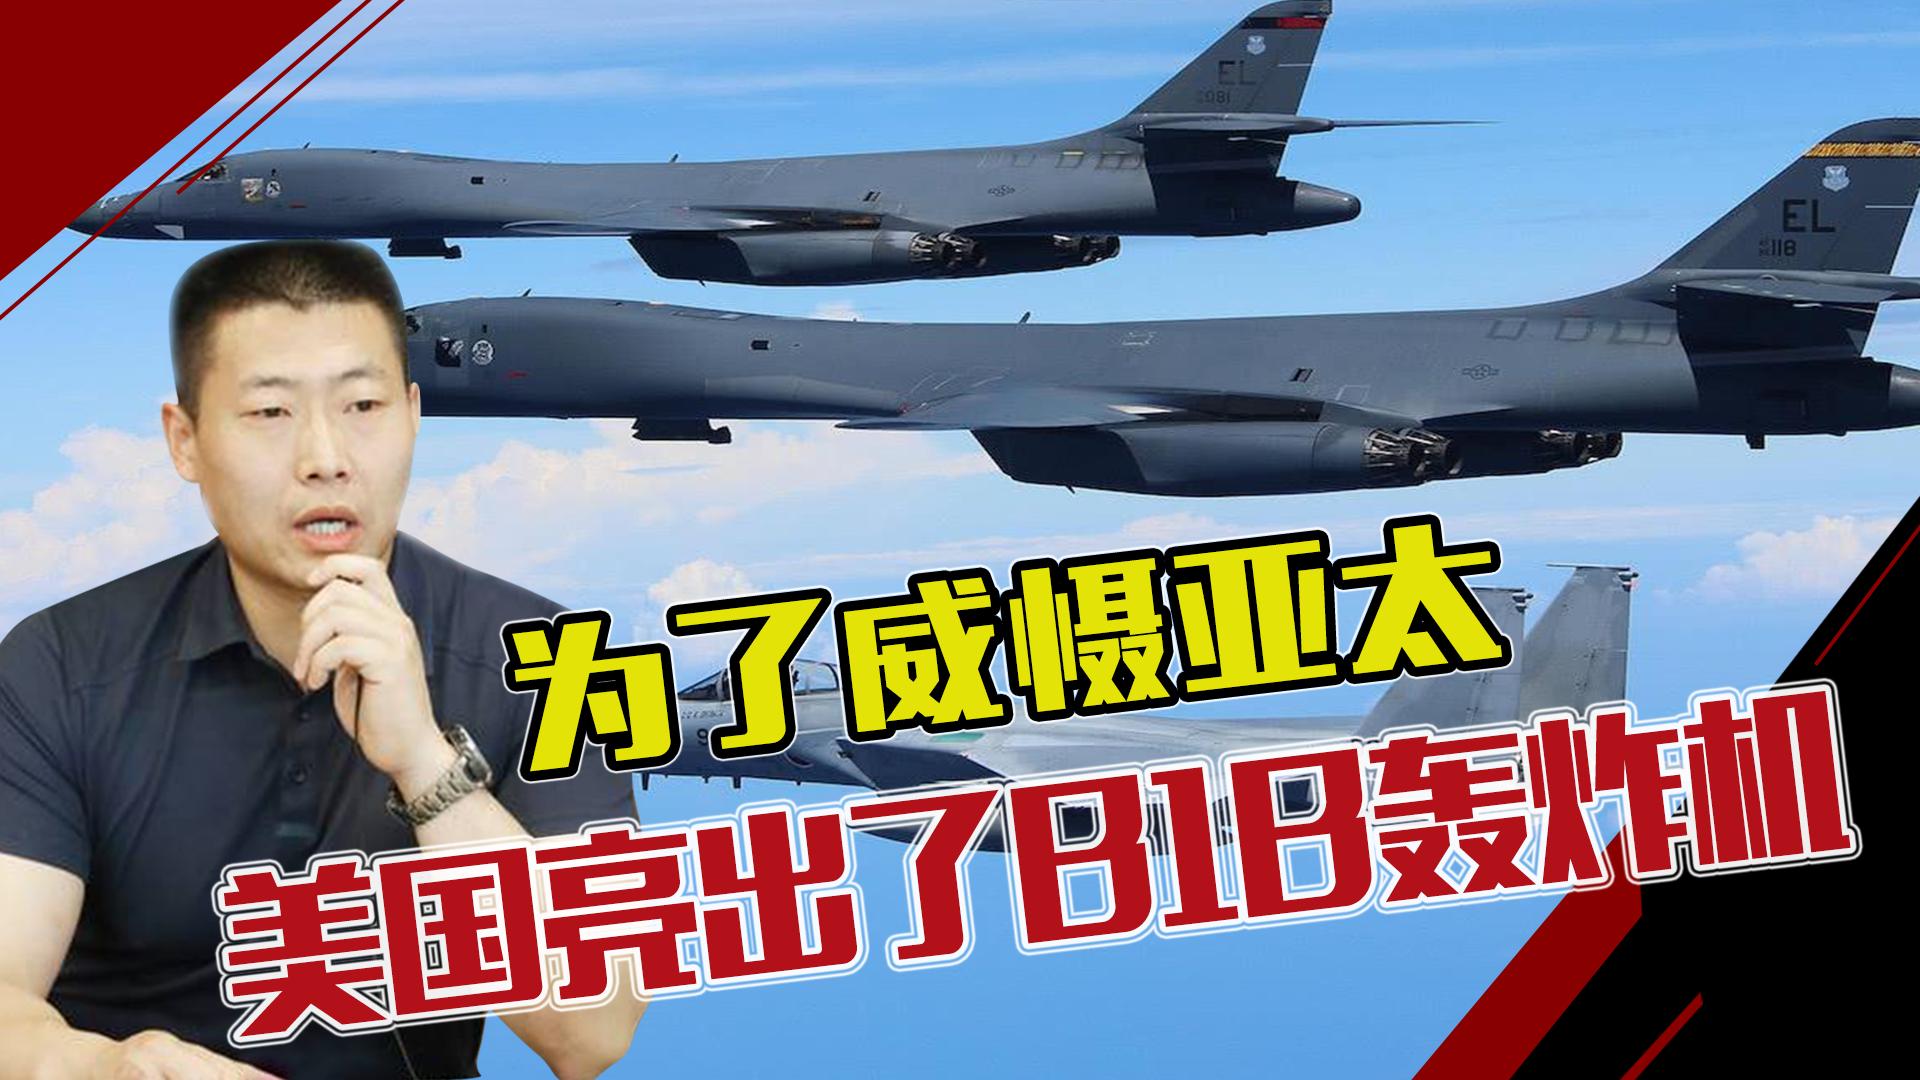 为了威慑亚太,美国亮出了冷战时期的B1B轰炸机